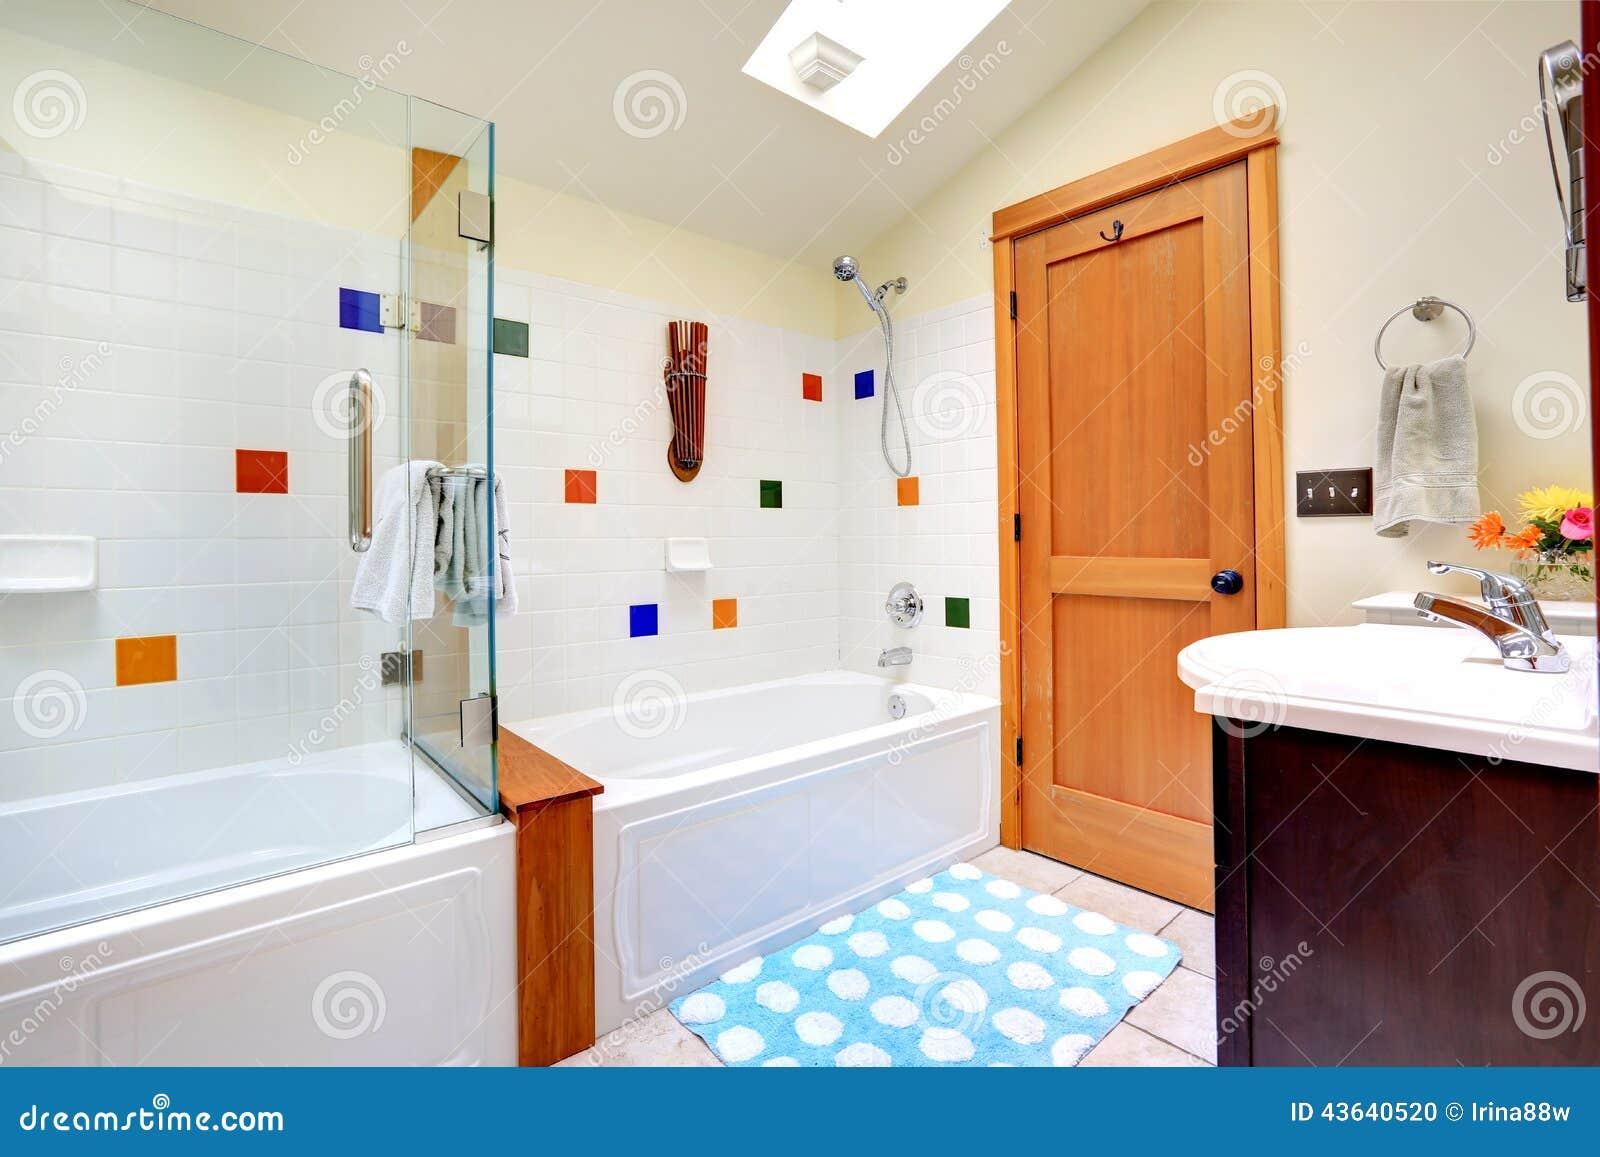 Helles Badezimmer Mit Oberlicht Stockfoto   Bild von wohnung, idee ...